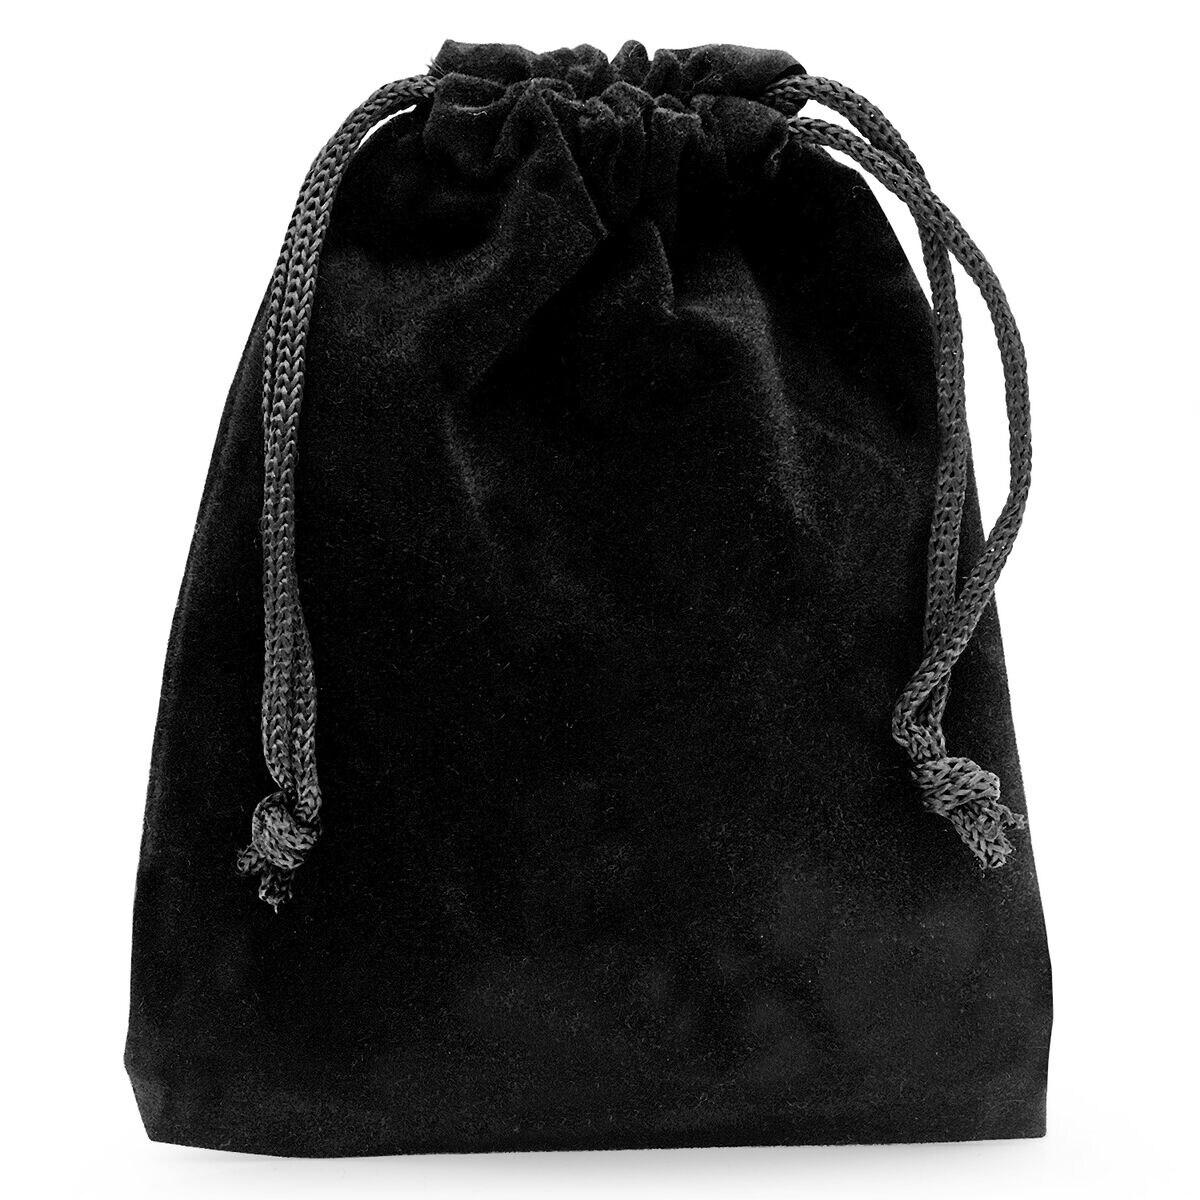 4316c9b2d1581 Steeltime Men's Black Leather Stainless Steel Skull Bracelet